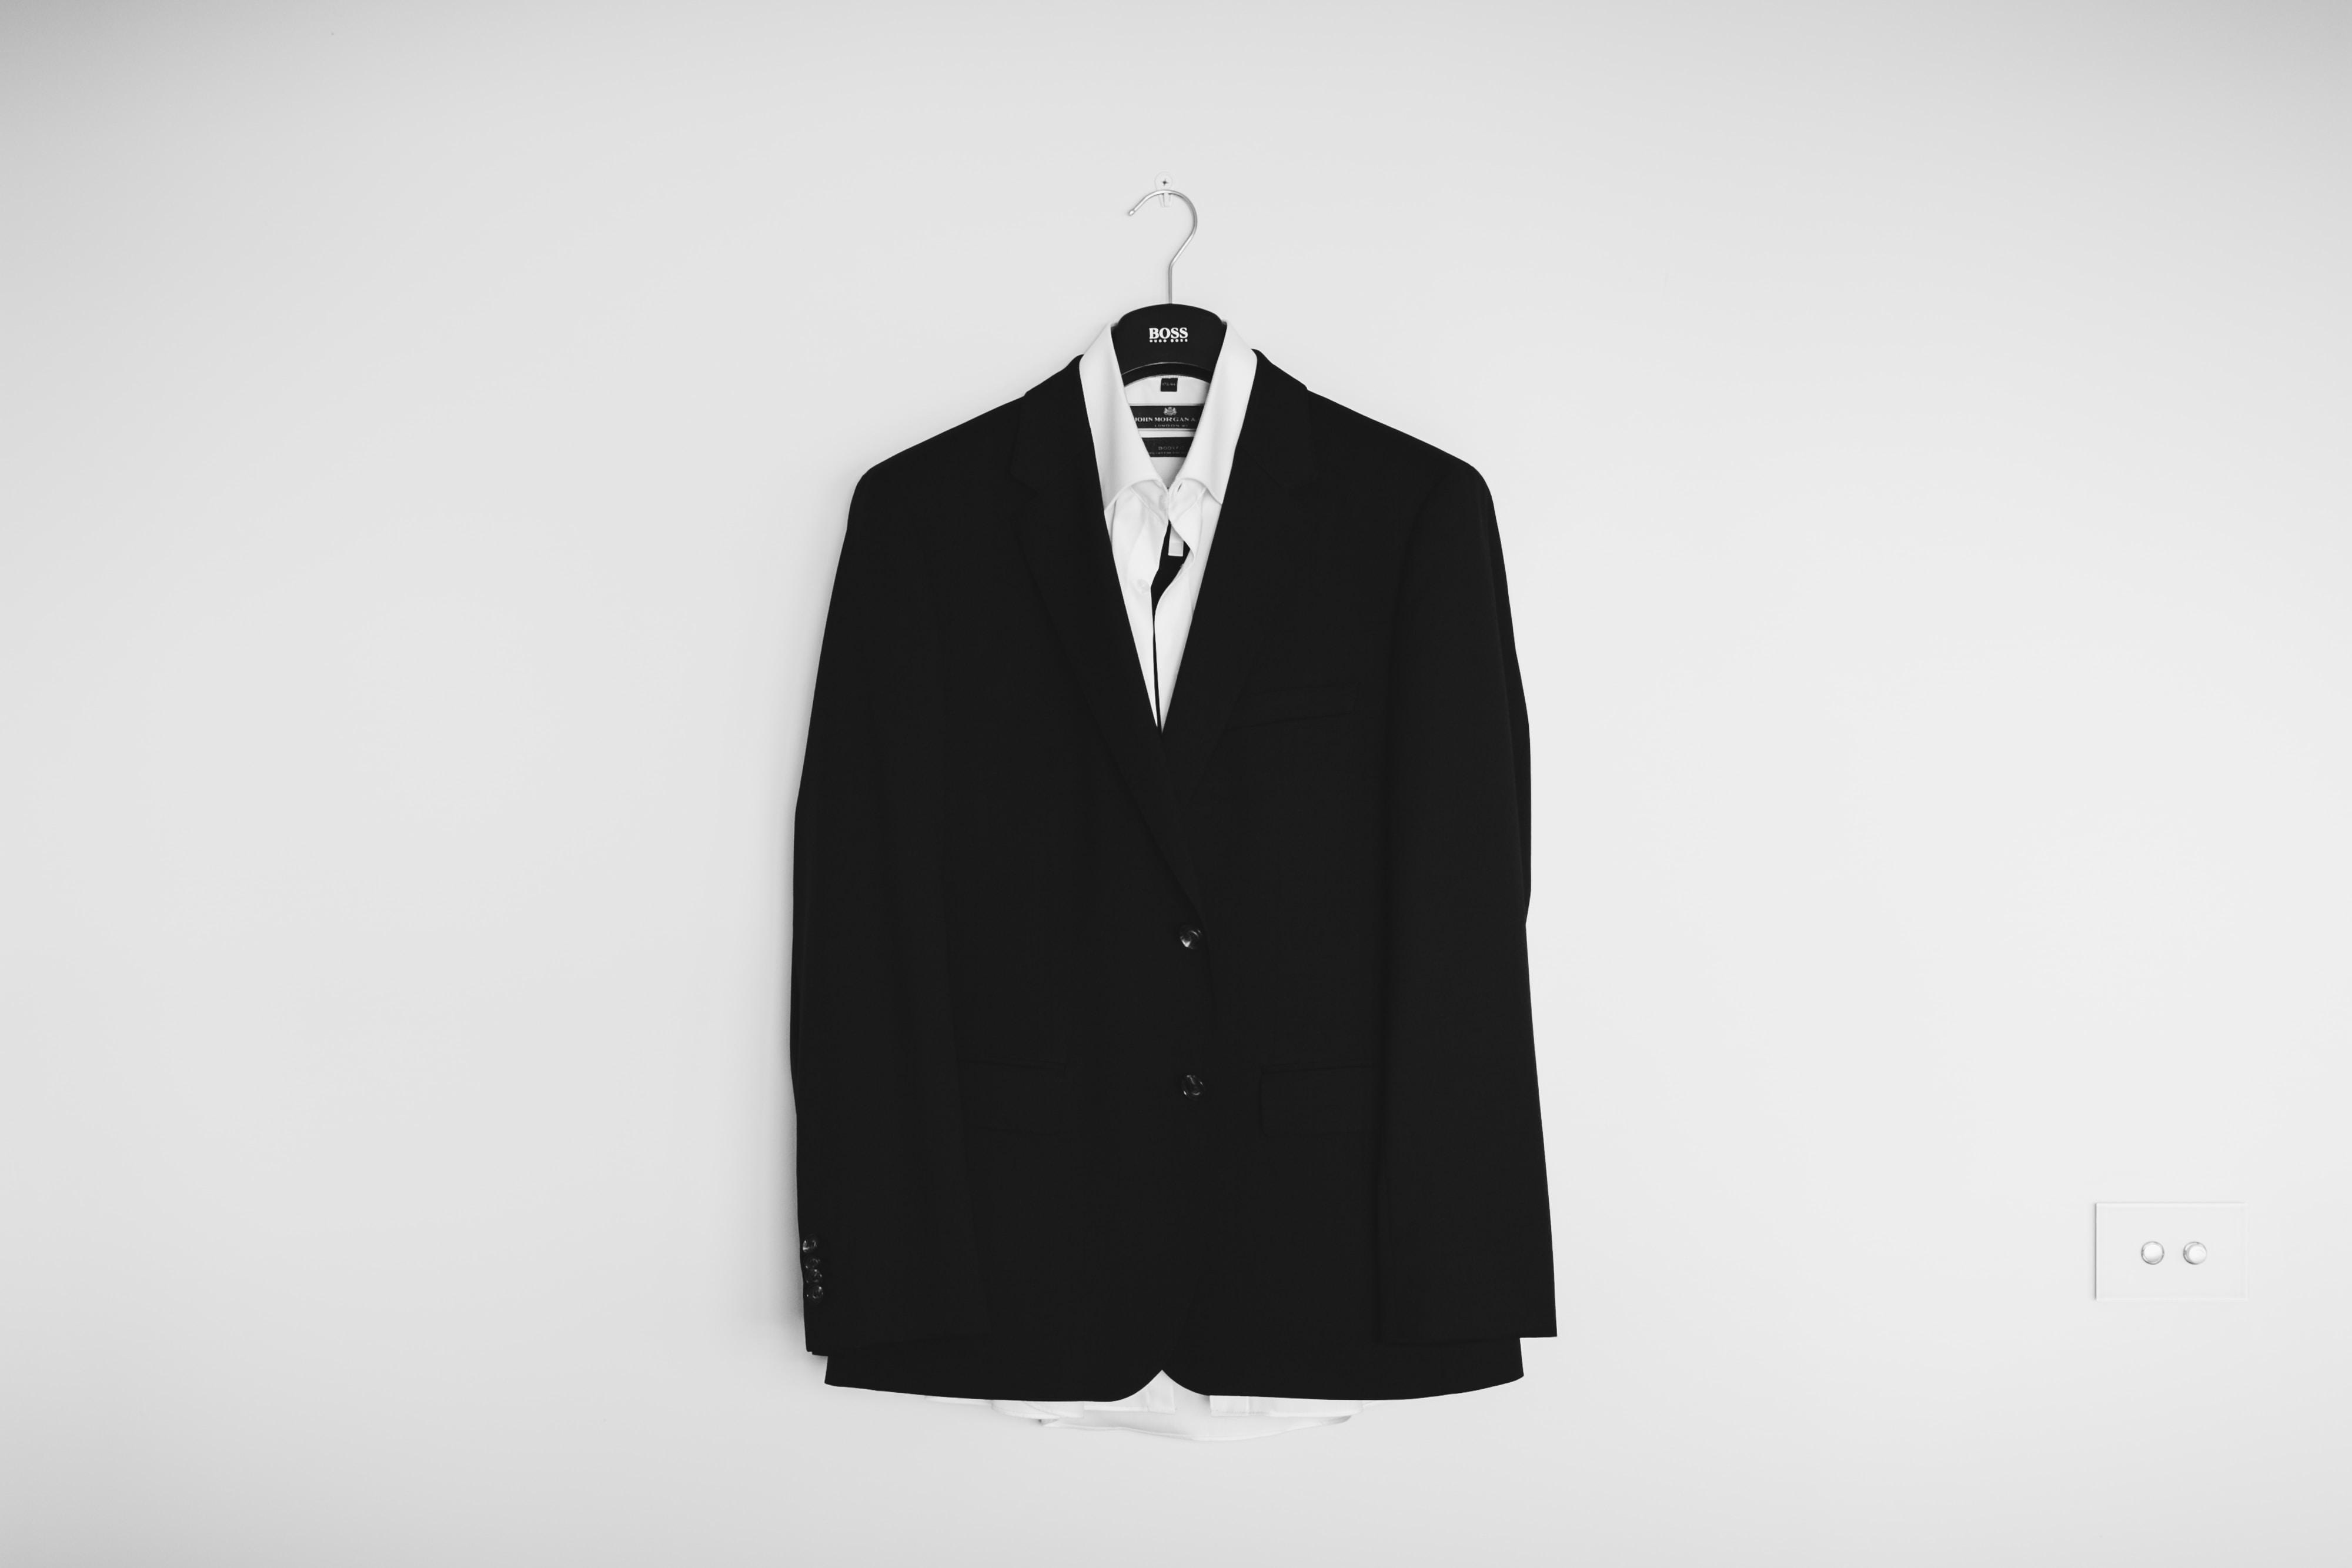 転職面接のスーツの色